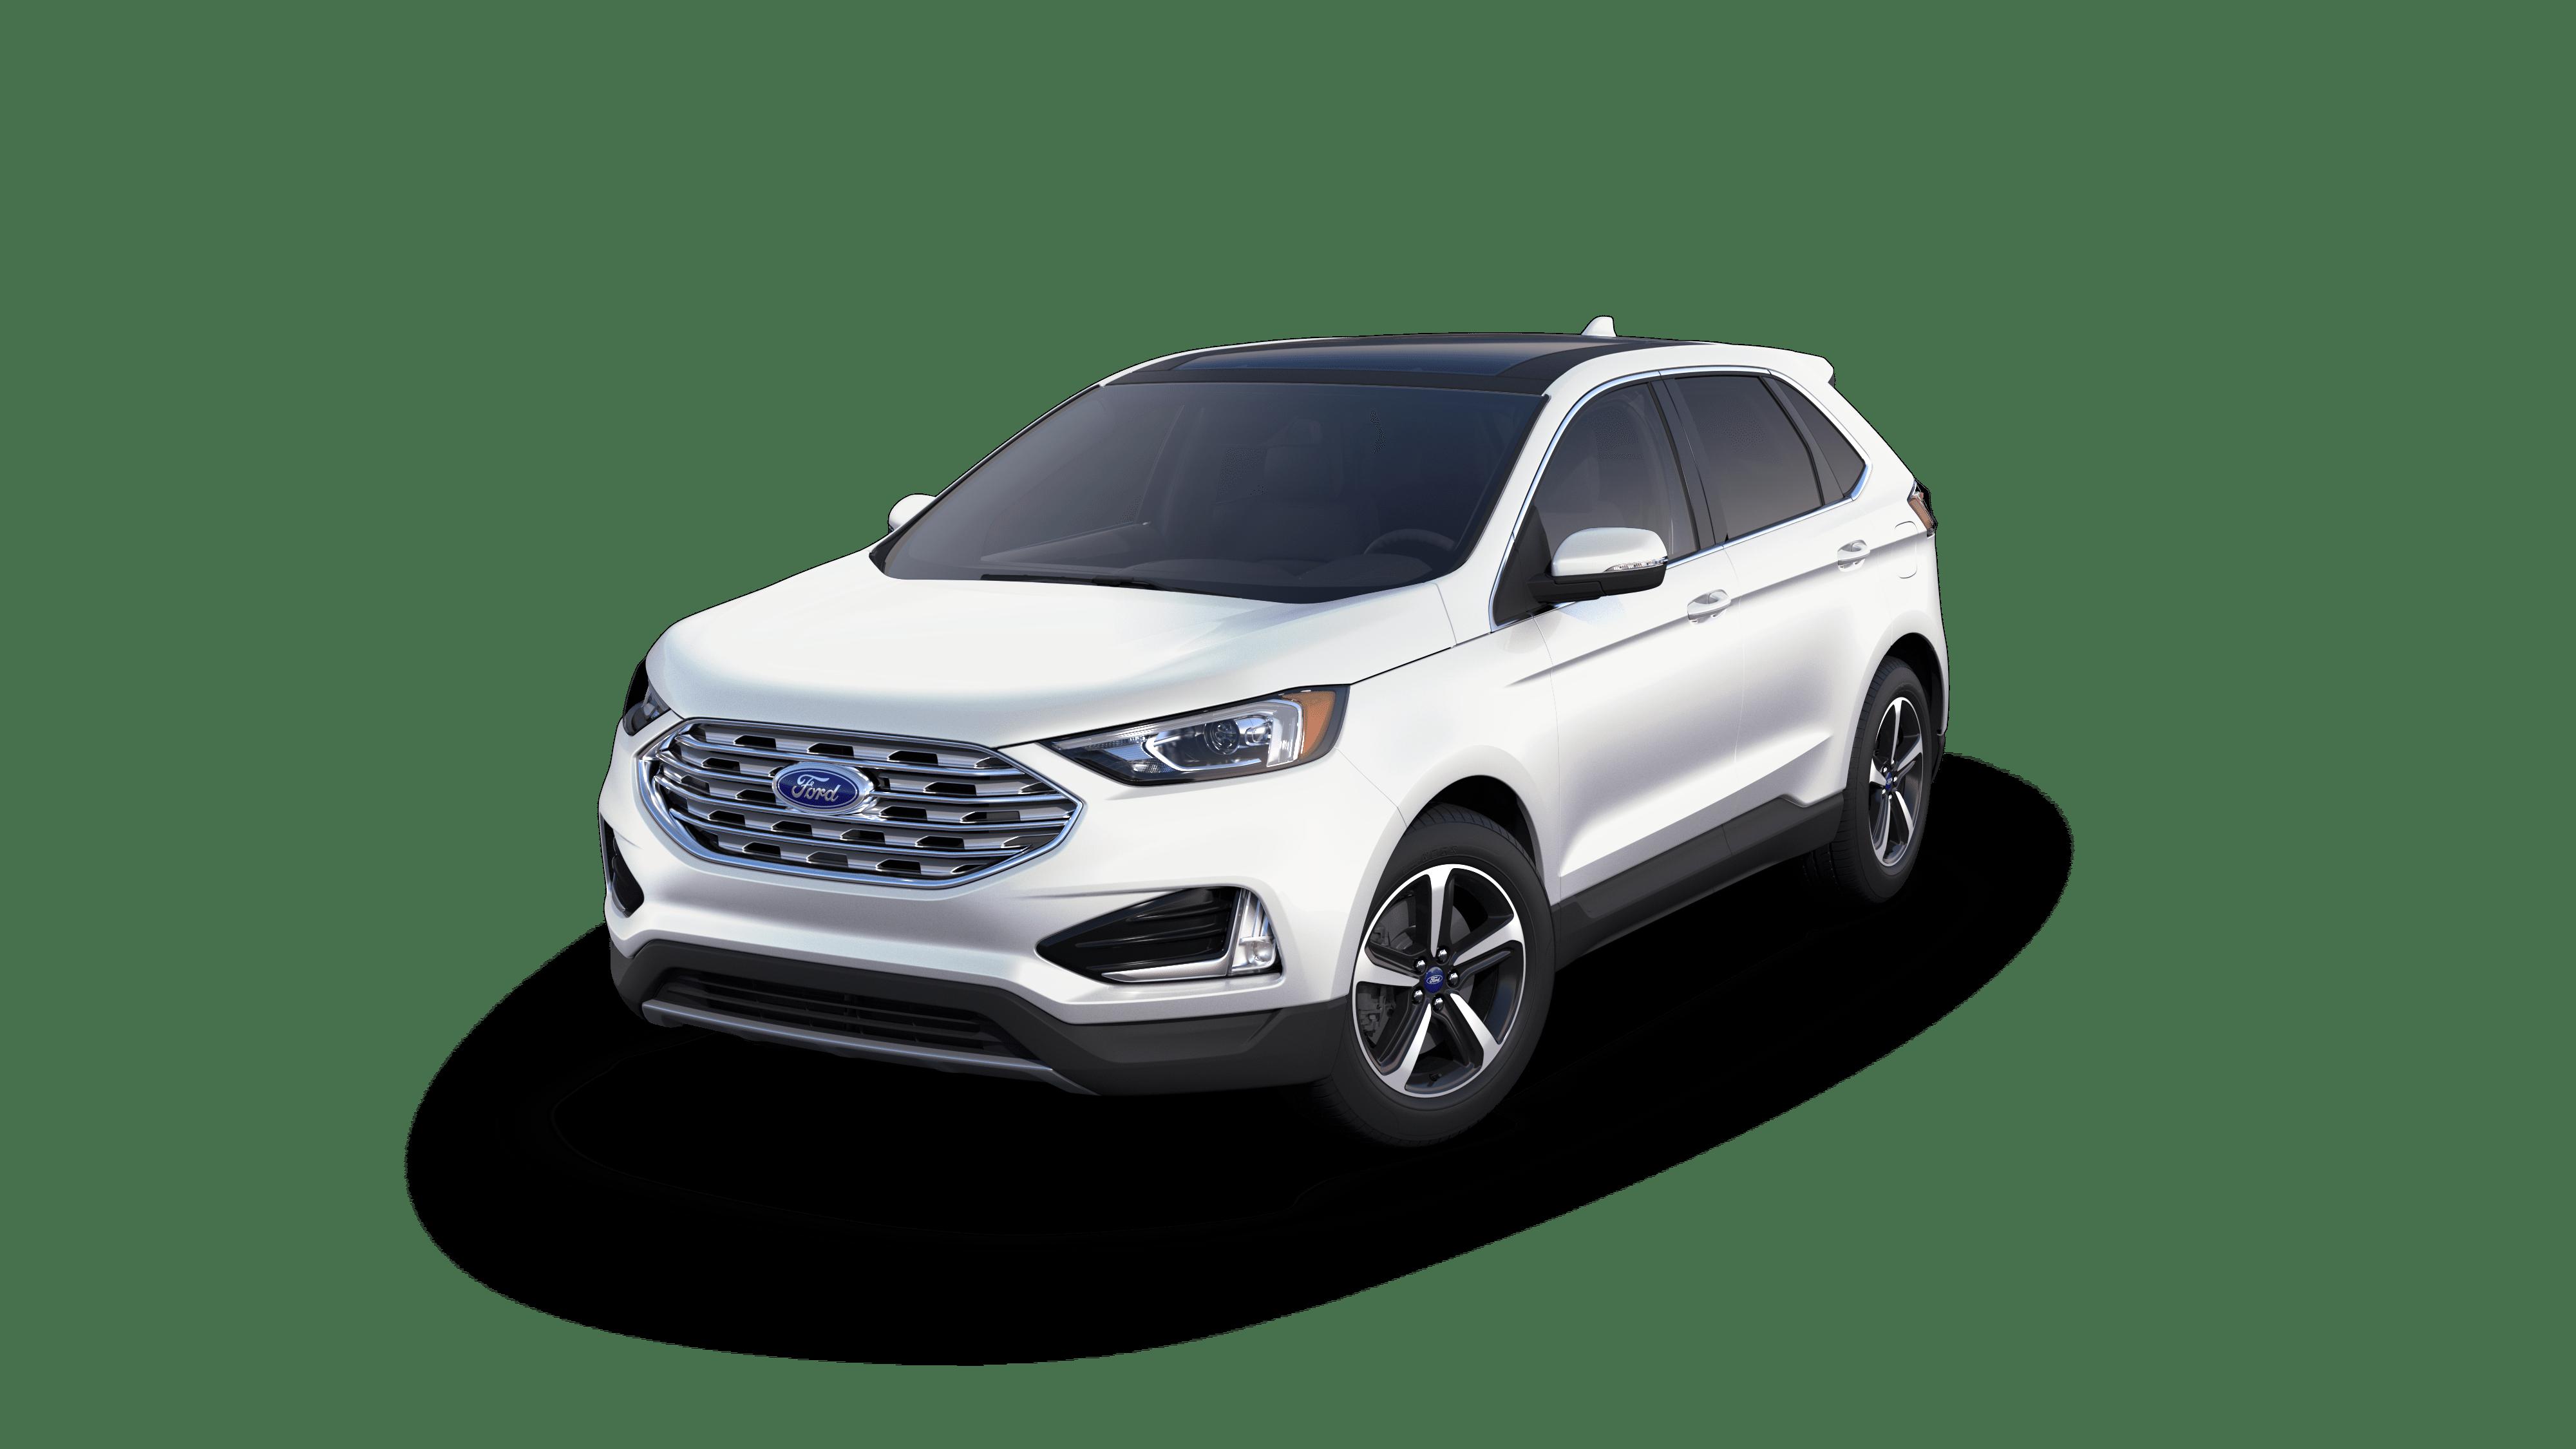 2019 Ford Edge Vehicle Photo In Mojave Ca 93501 1297